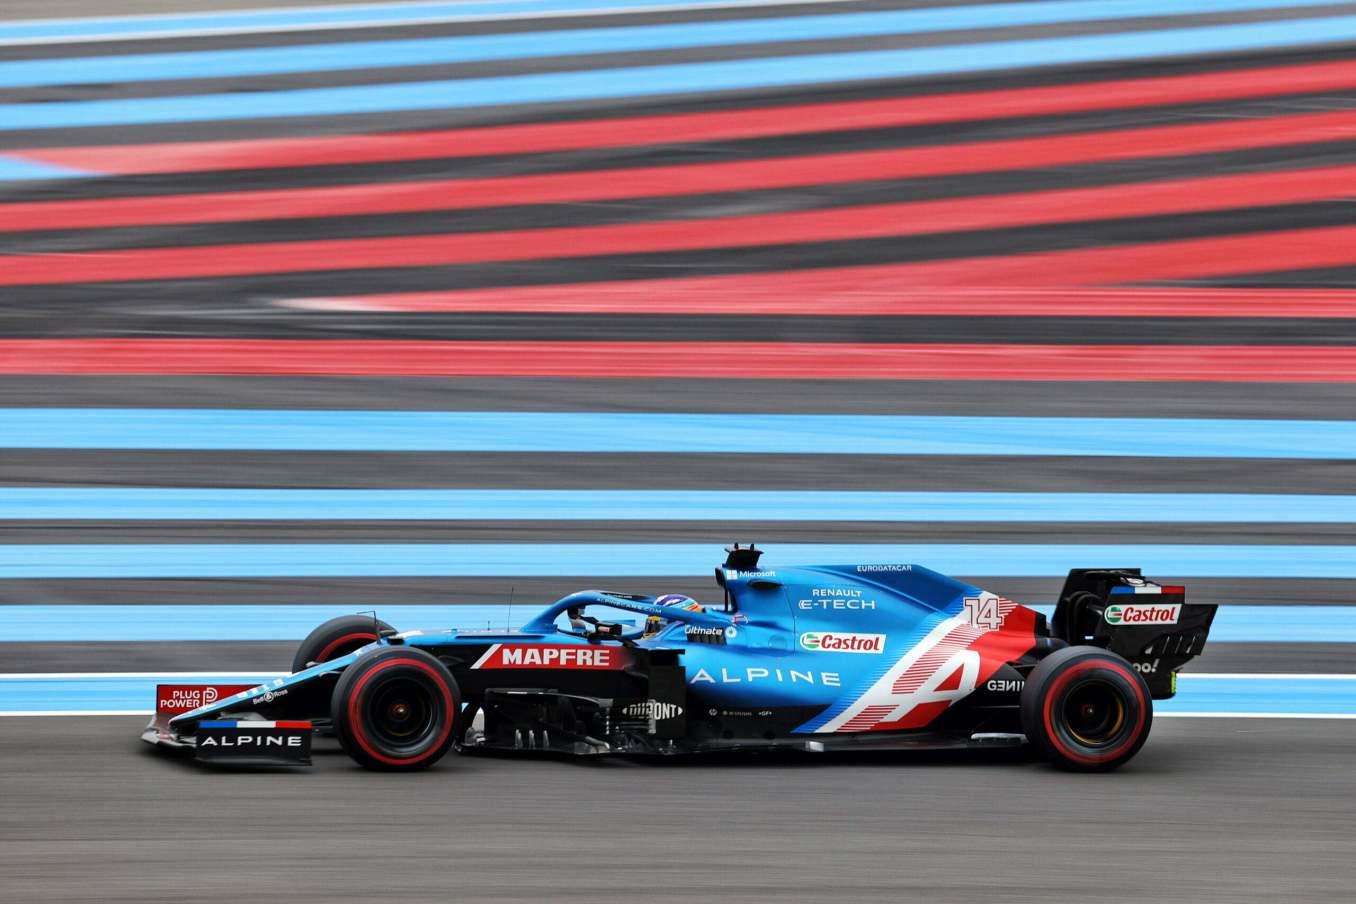 Alpine F1 Team A521 Alonso Ocon Castellet GP FRance 2021 2 scaled | Alpine F1 : Alonso entre en Q3, Ocon bloque en Q2 au Grand-Prix de France